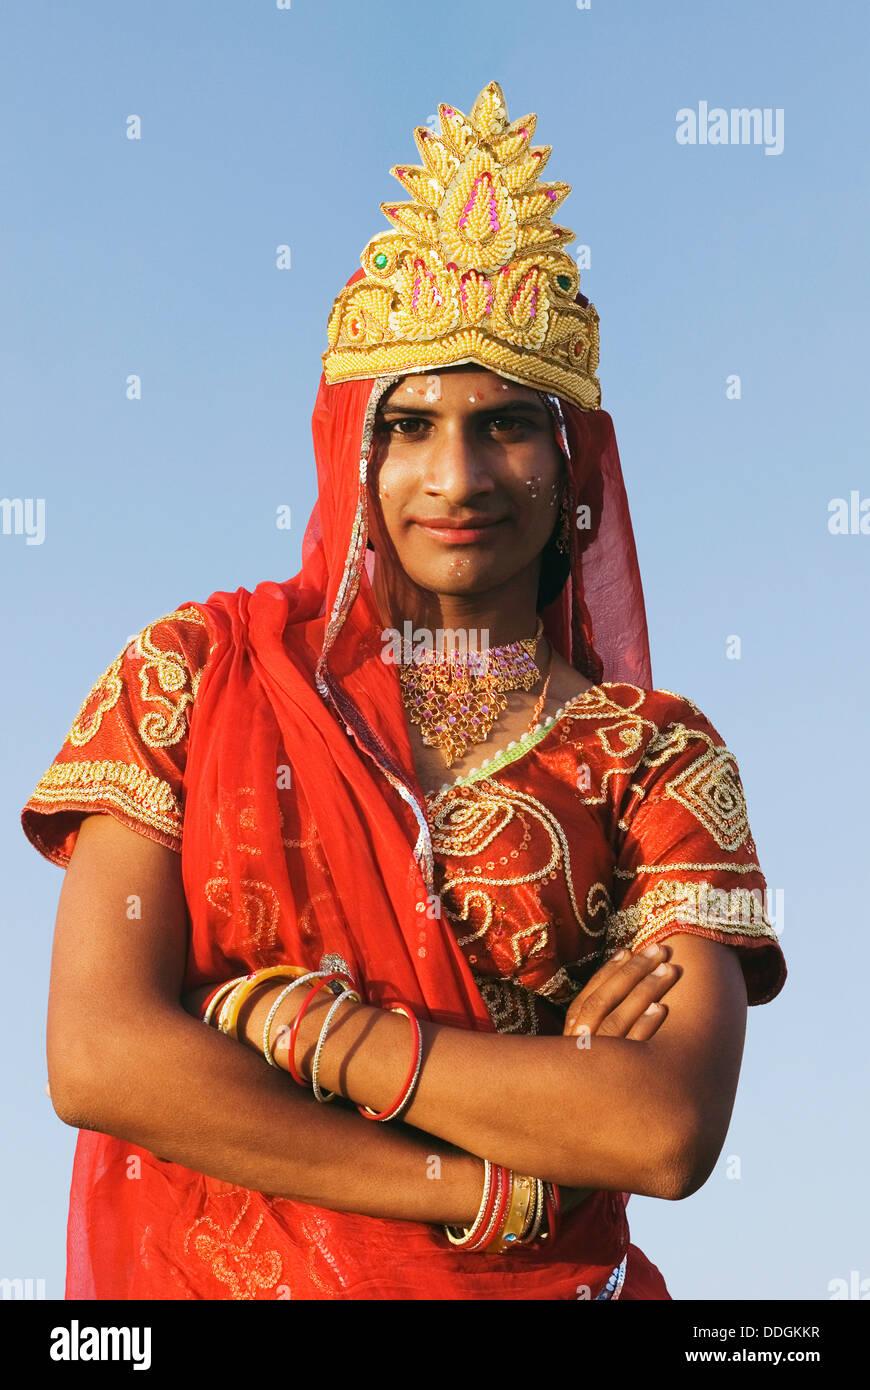 Uomo vestito come indù di carattere mitologico, Jaipur, Rajasthan, India Immagini Stock